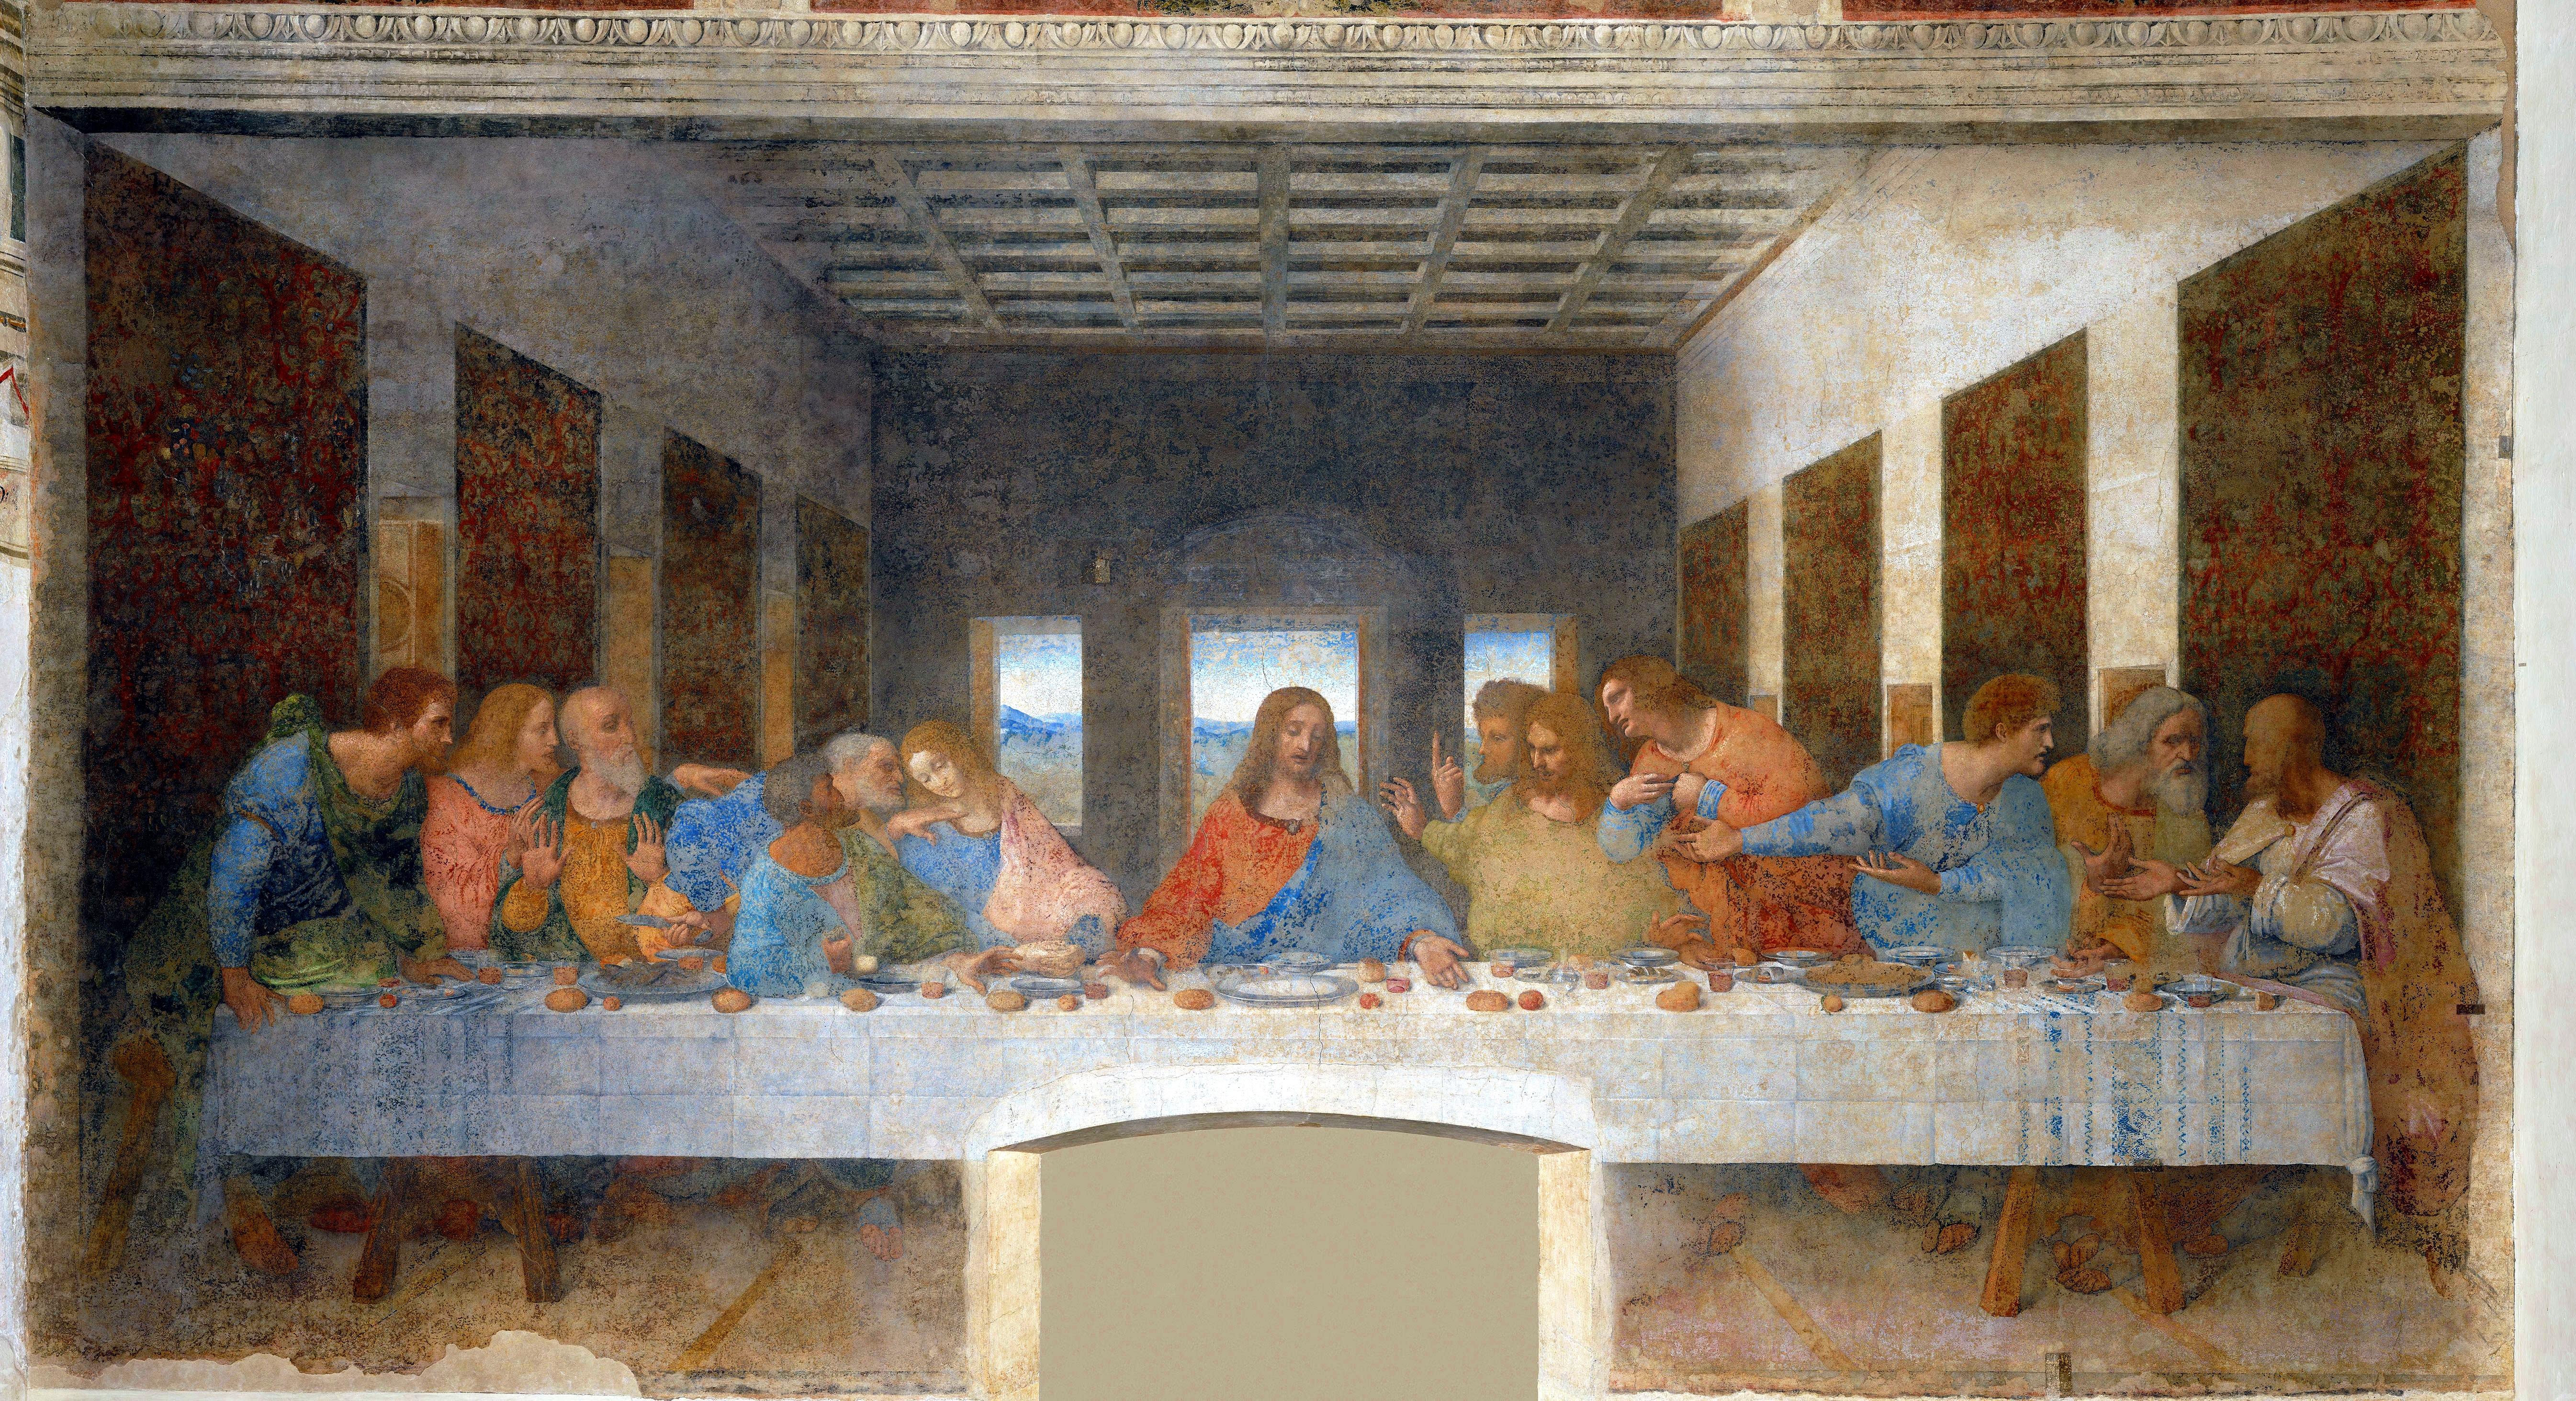 The Last Supper by Leonardo da Vinci (1498), Convent of Sta. Maria delle Grazie, Milan, Italy